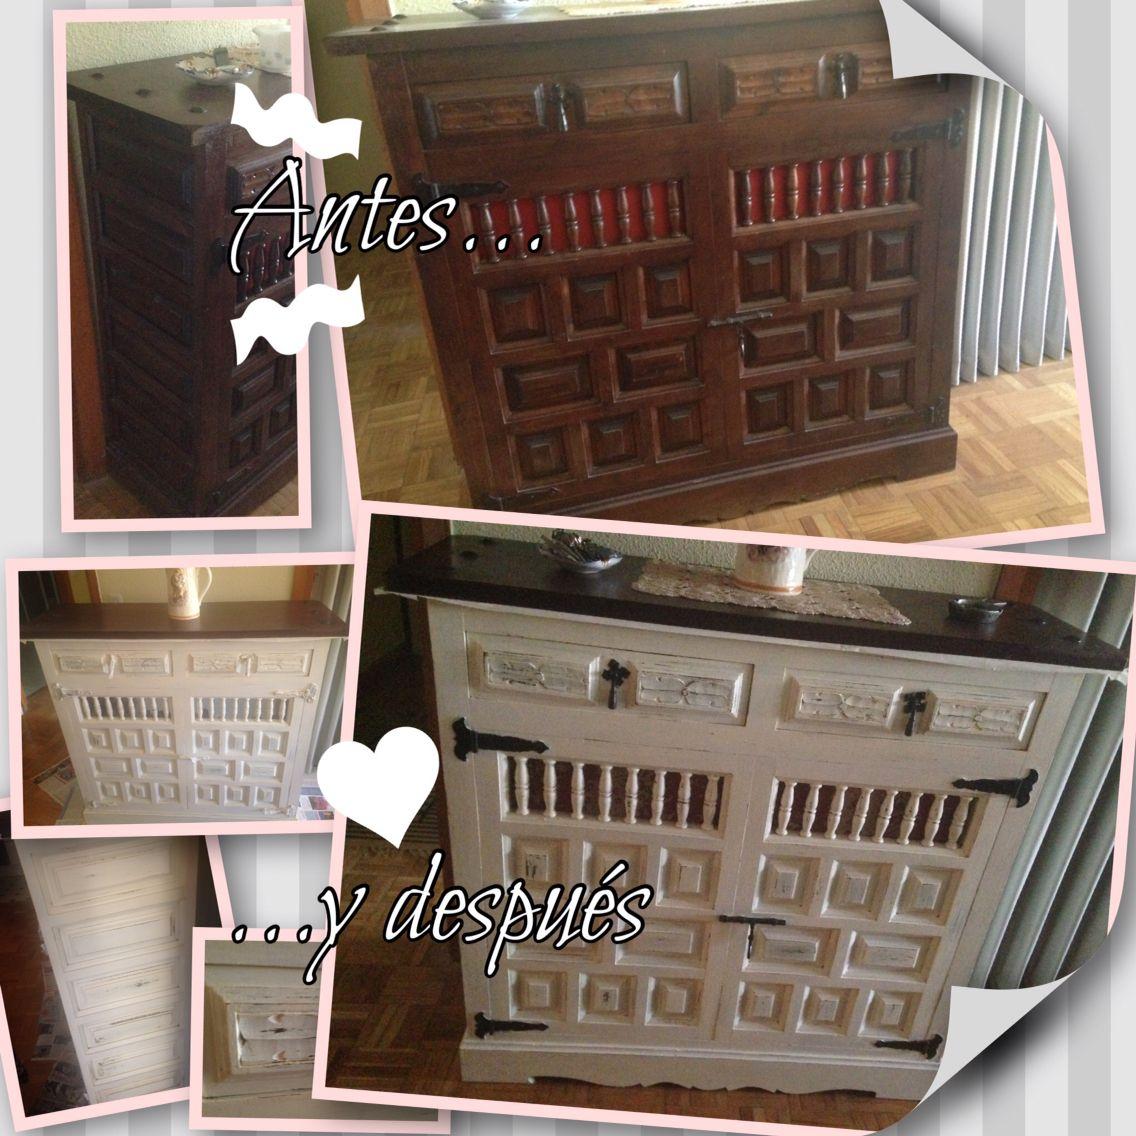 Mueble castellano actualizado con chalk paint - Muebles castellanos ...